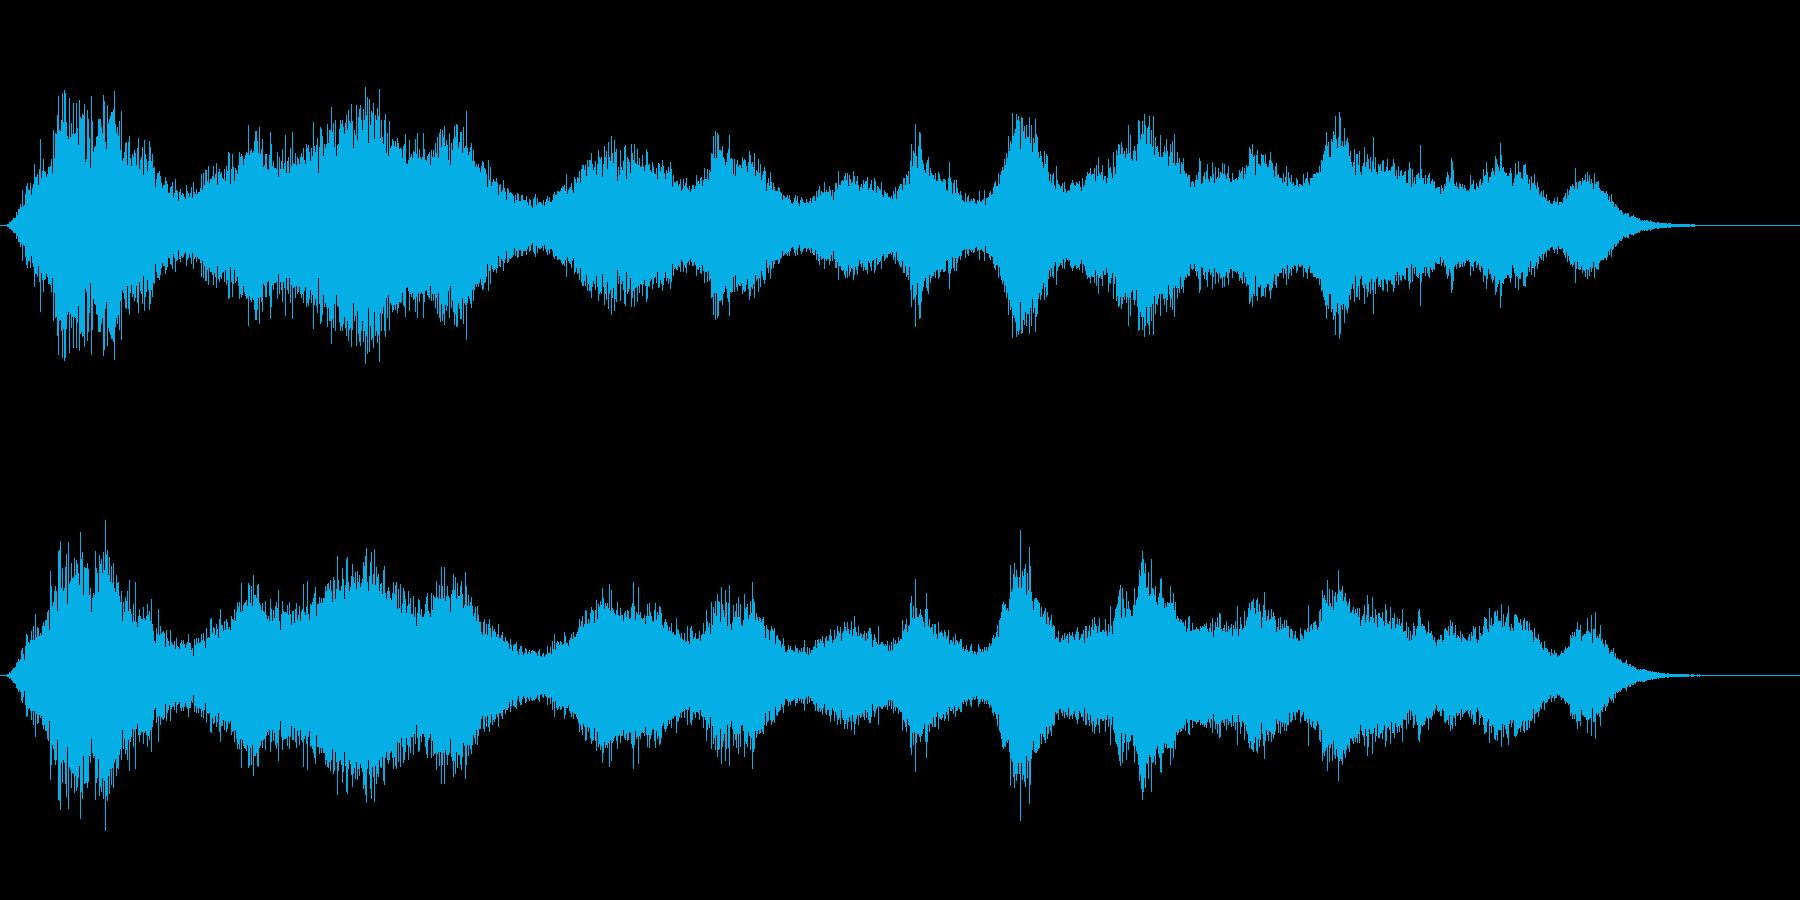 身の回りを物が高速移動する様なイメージの再生済みの波形